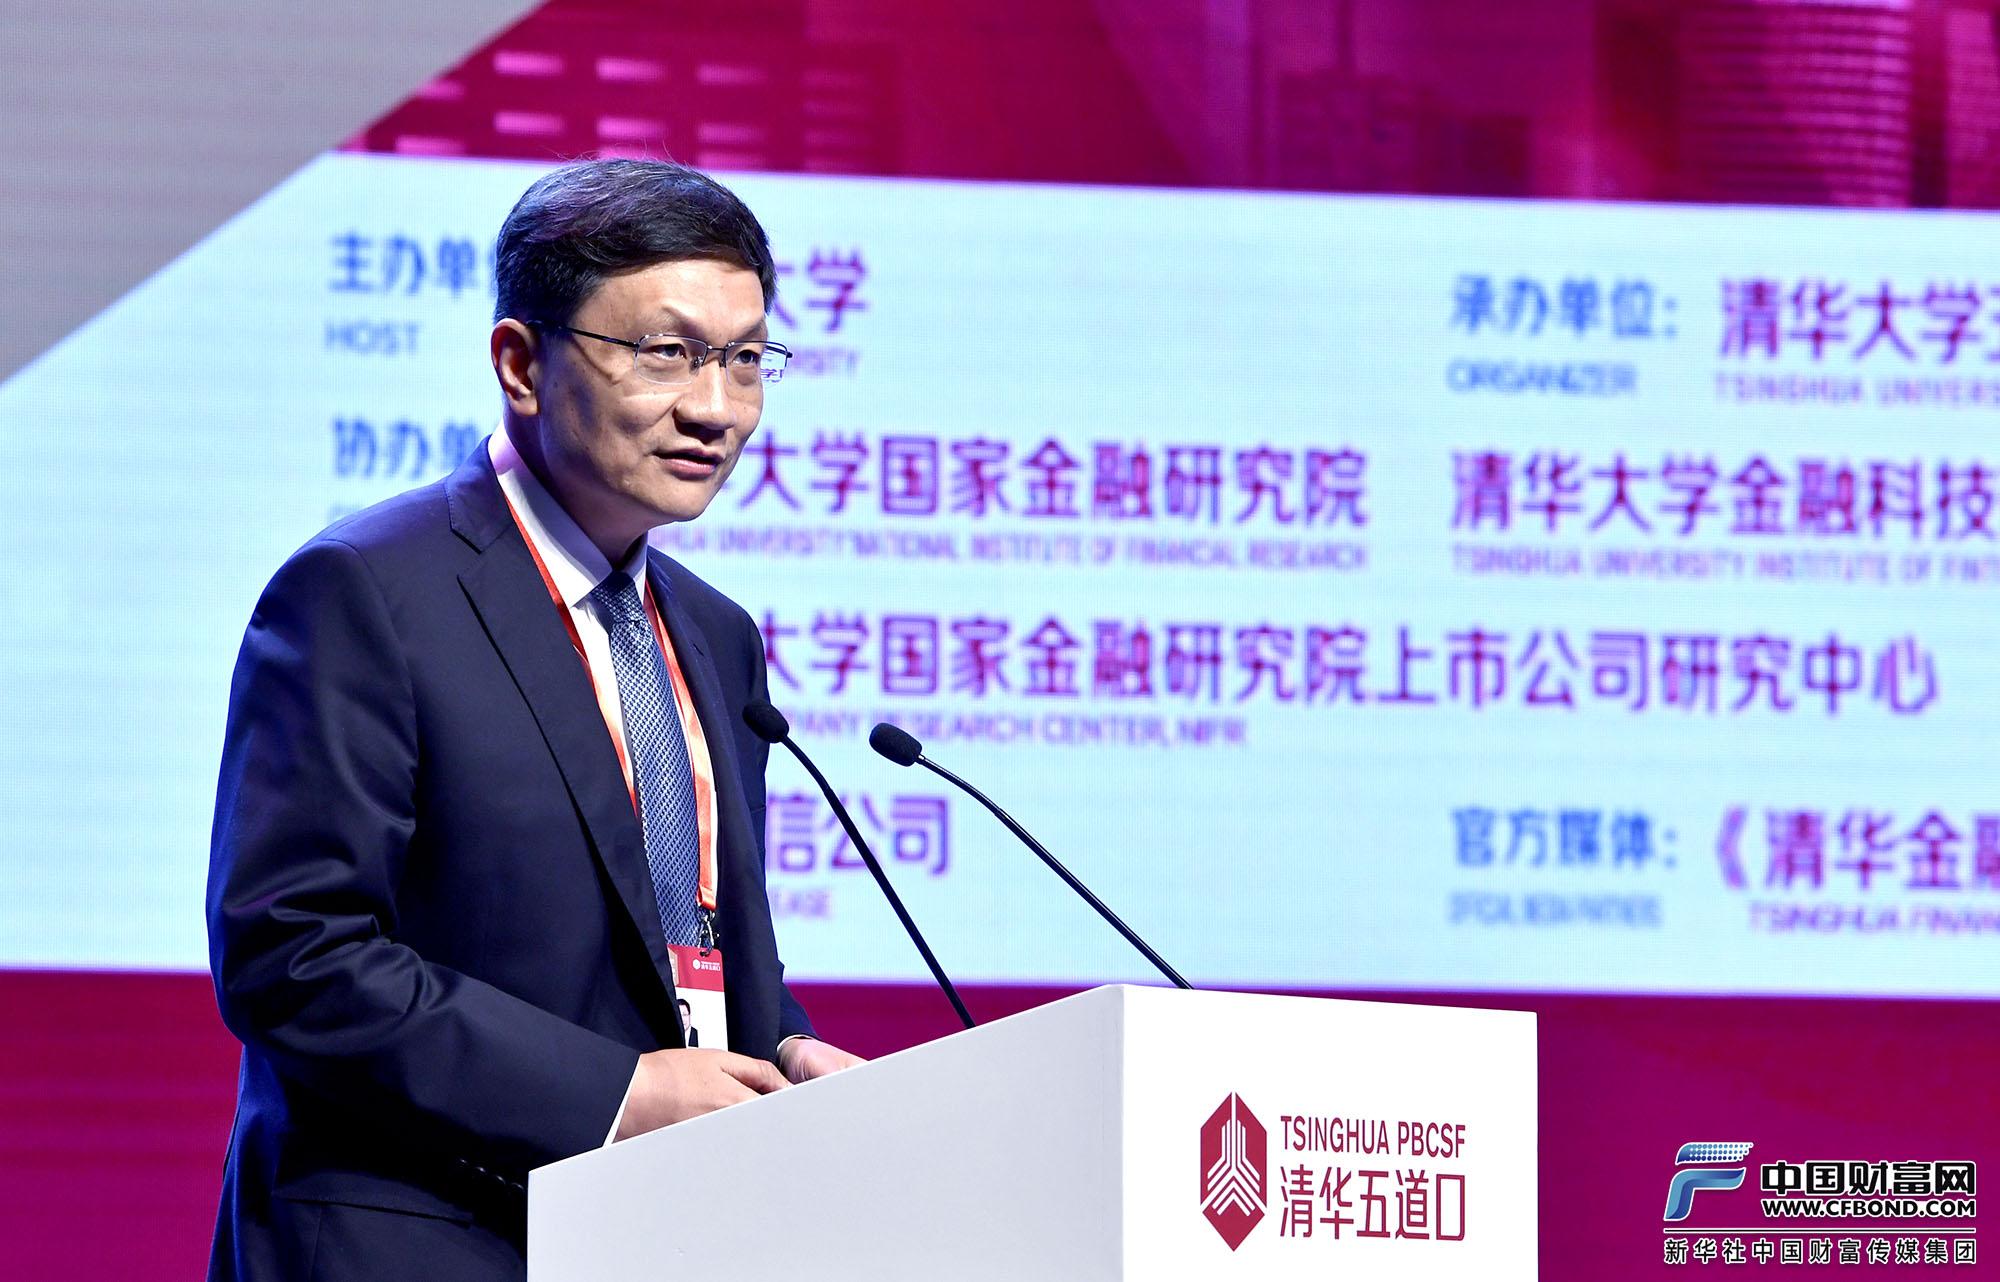 演讲嘉宾:宜信公司创始人、首席执行官唐宁